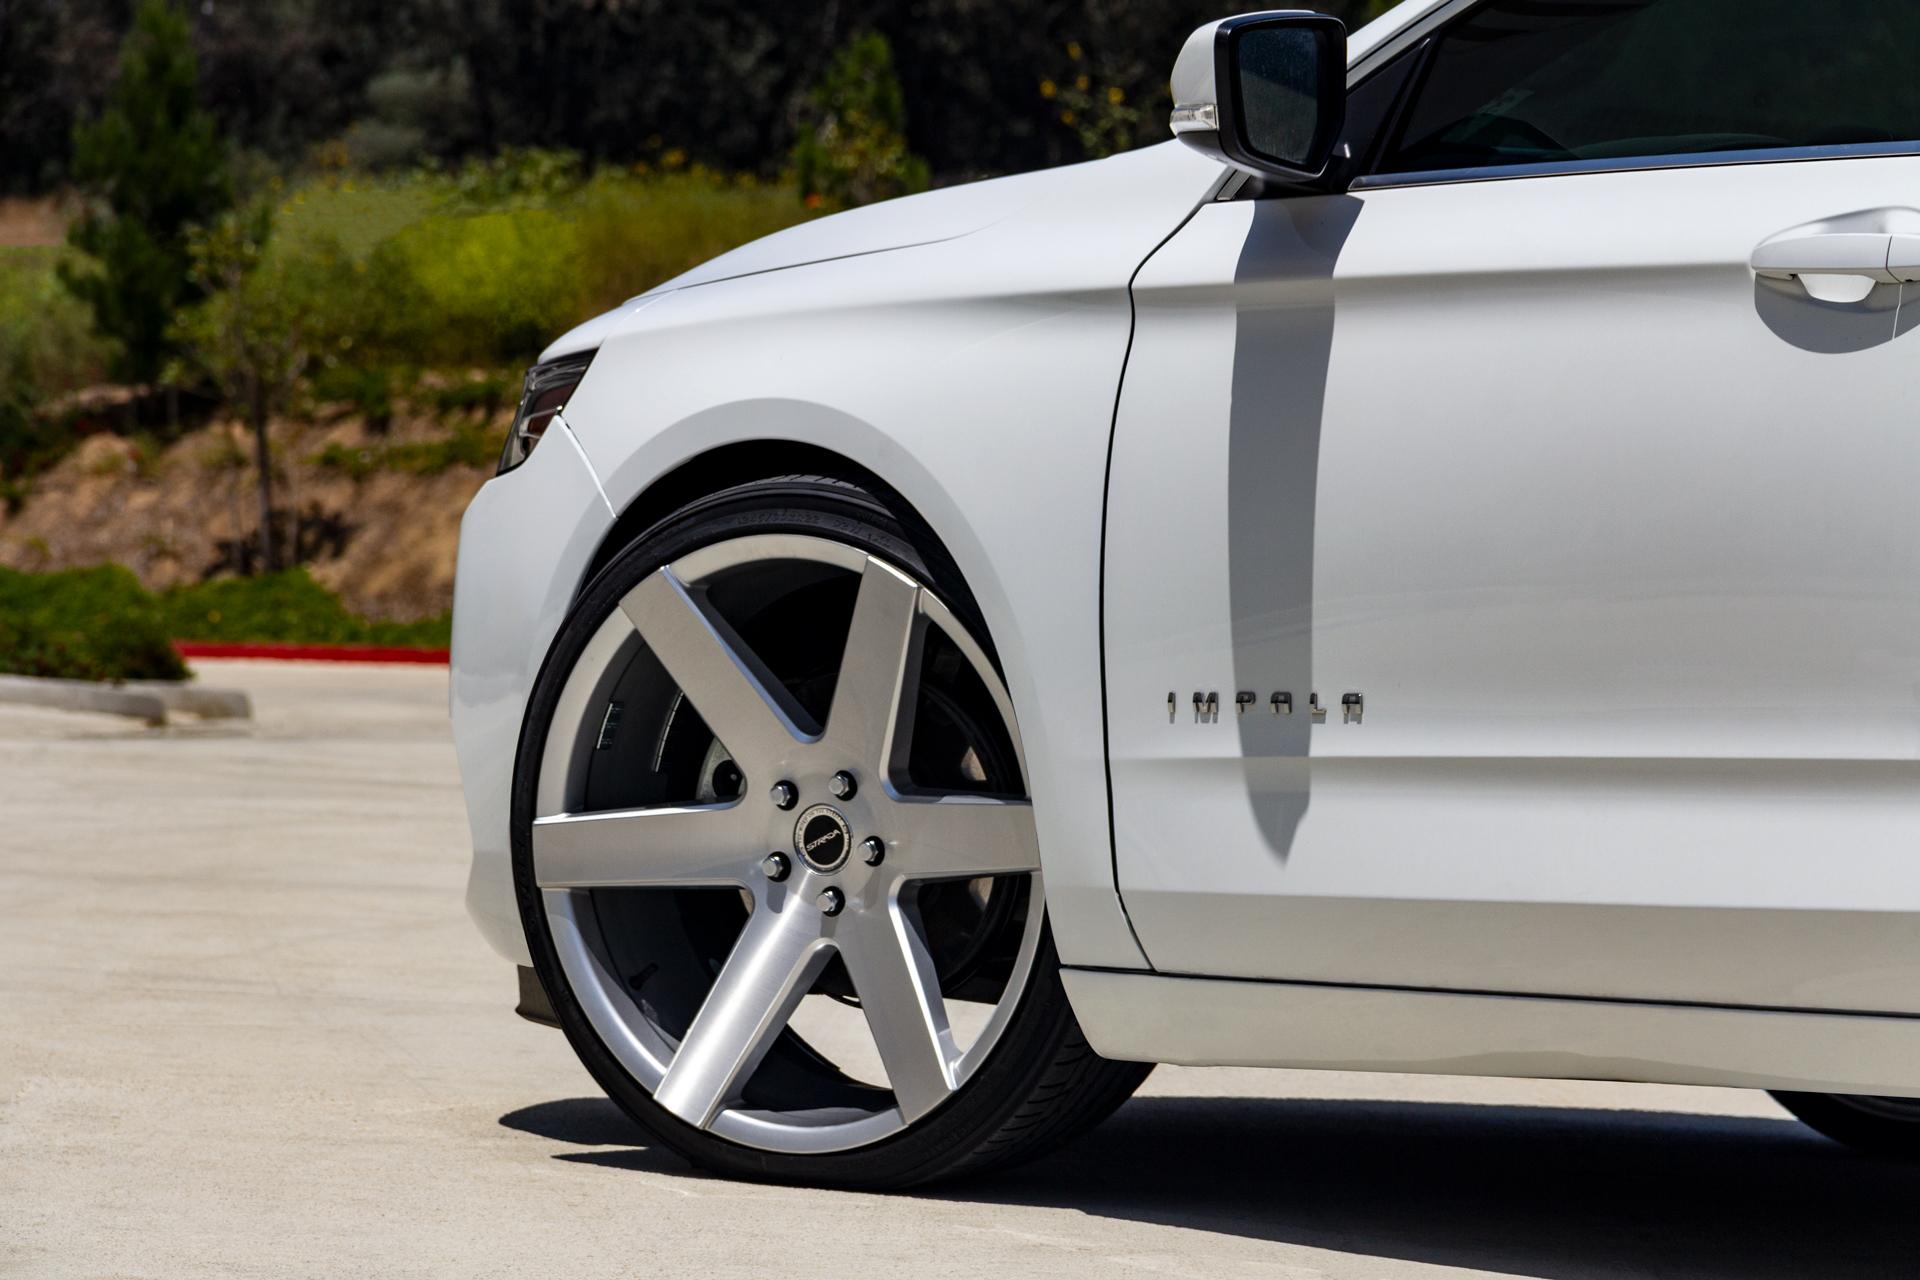 Strada Coda Chevy Impala